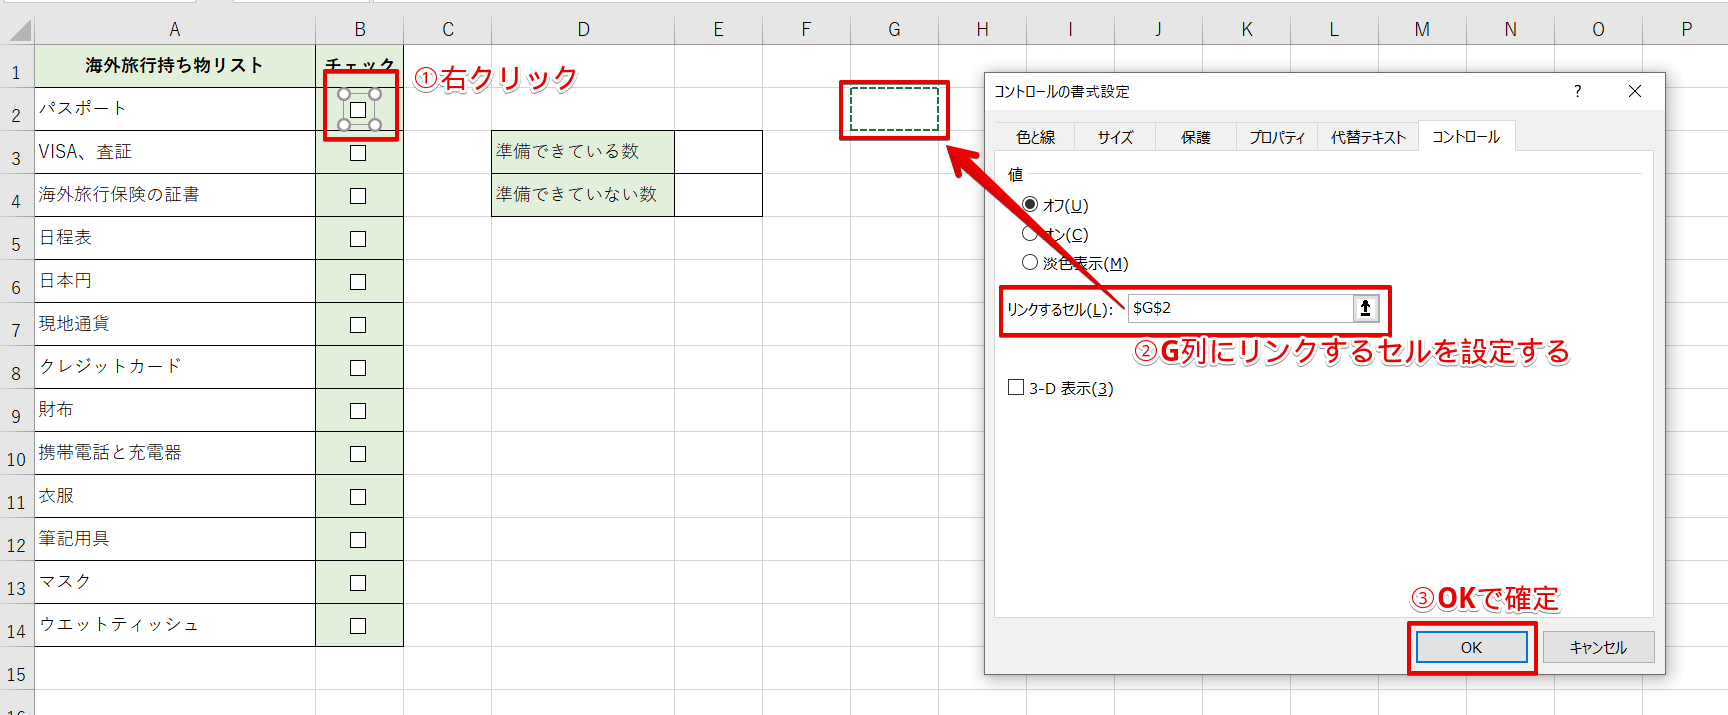 リンクするセルを設定